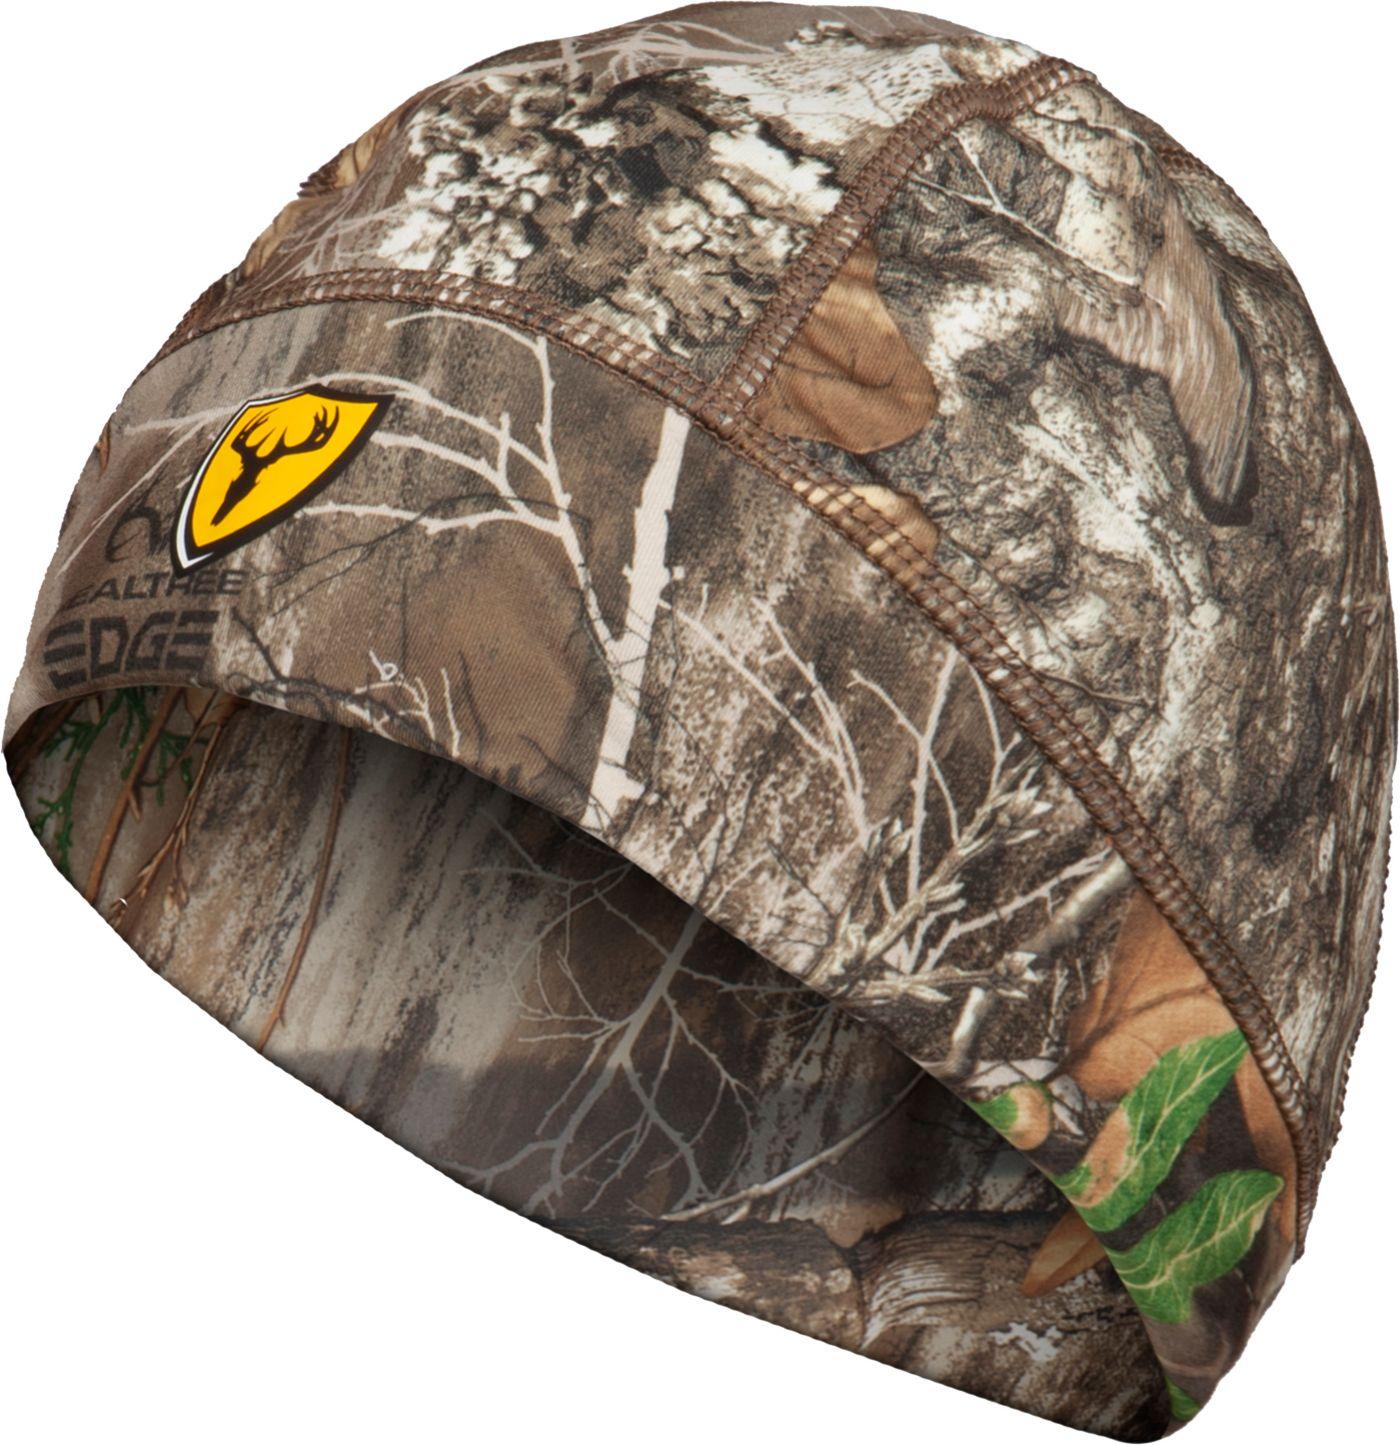 ScentBlocker Men's Skull Cap